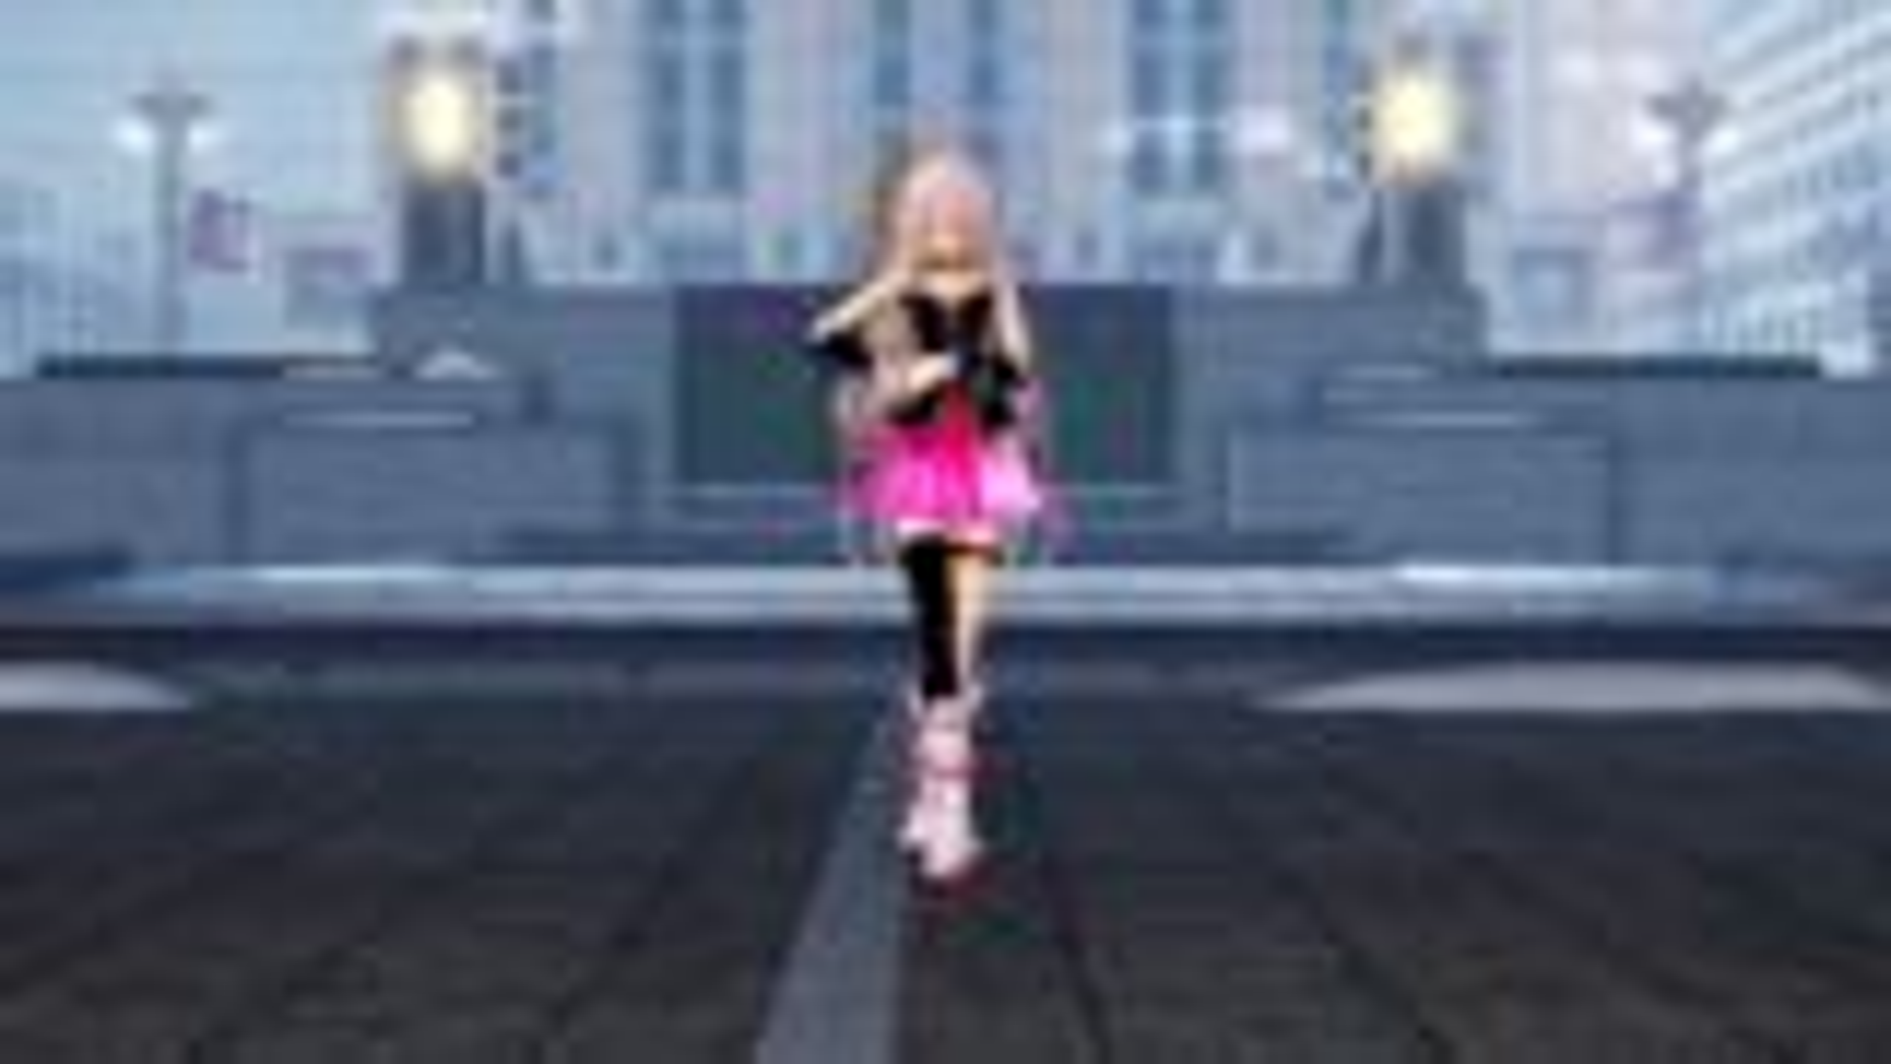 抗疫期间 IA没忍住还是去广场跳舞了